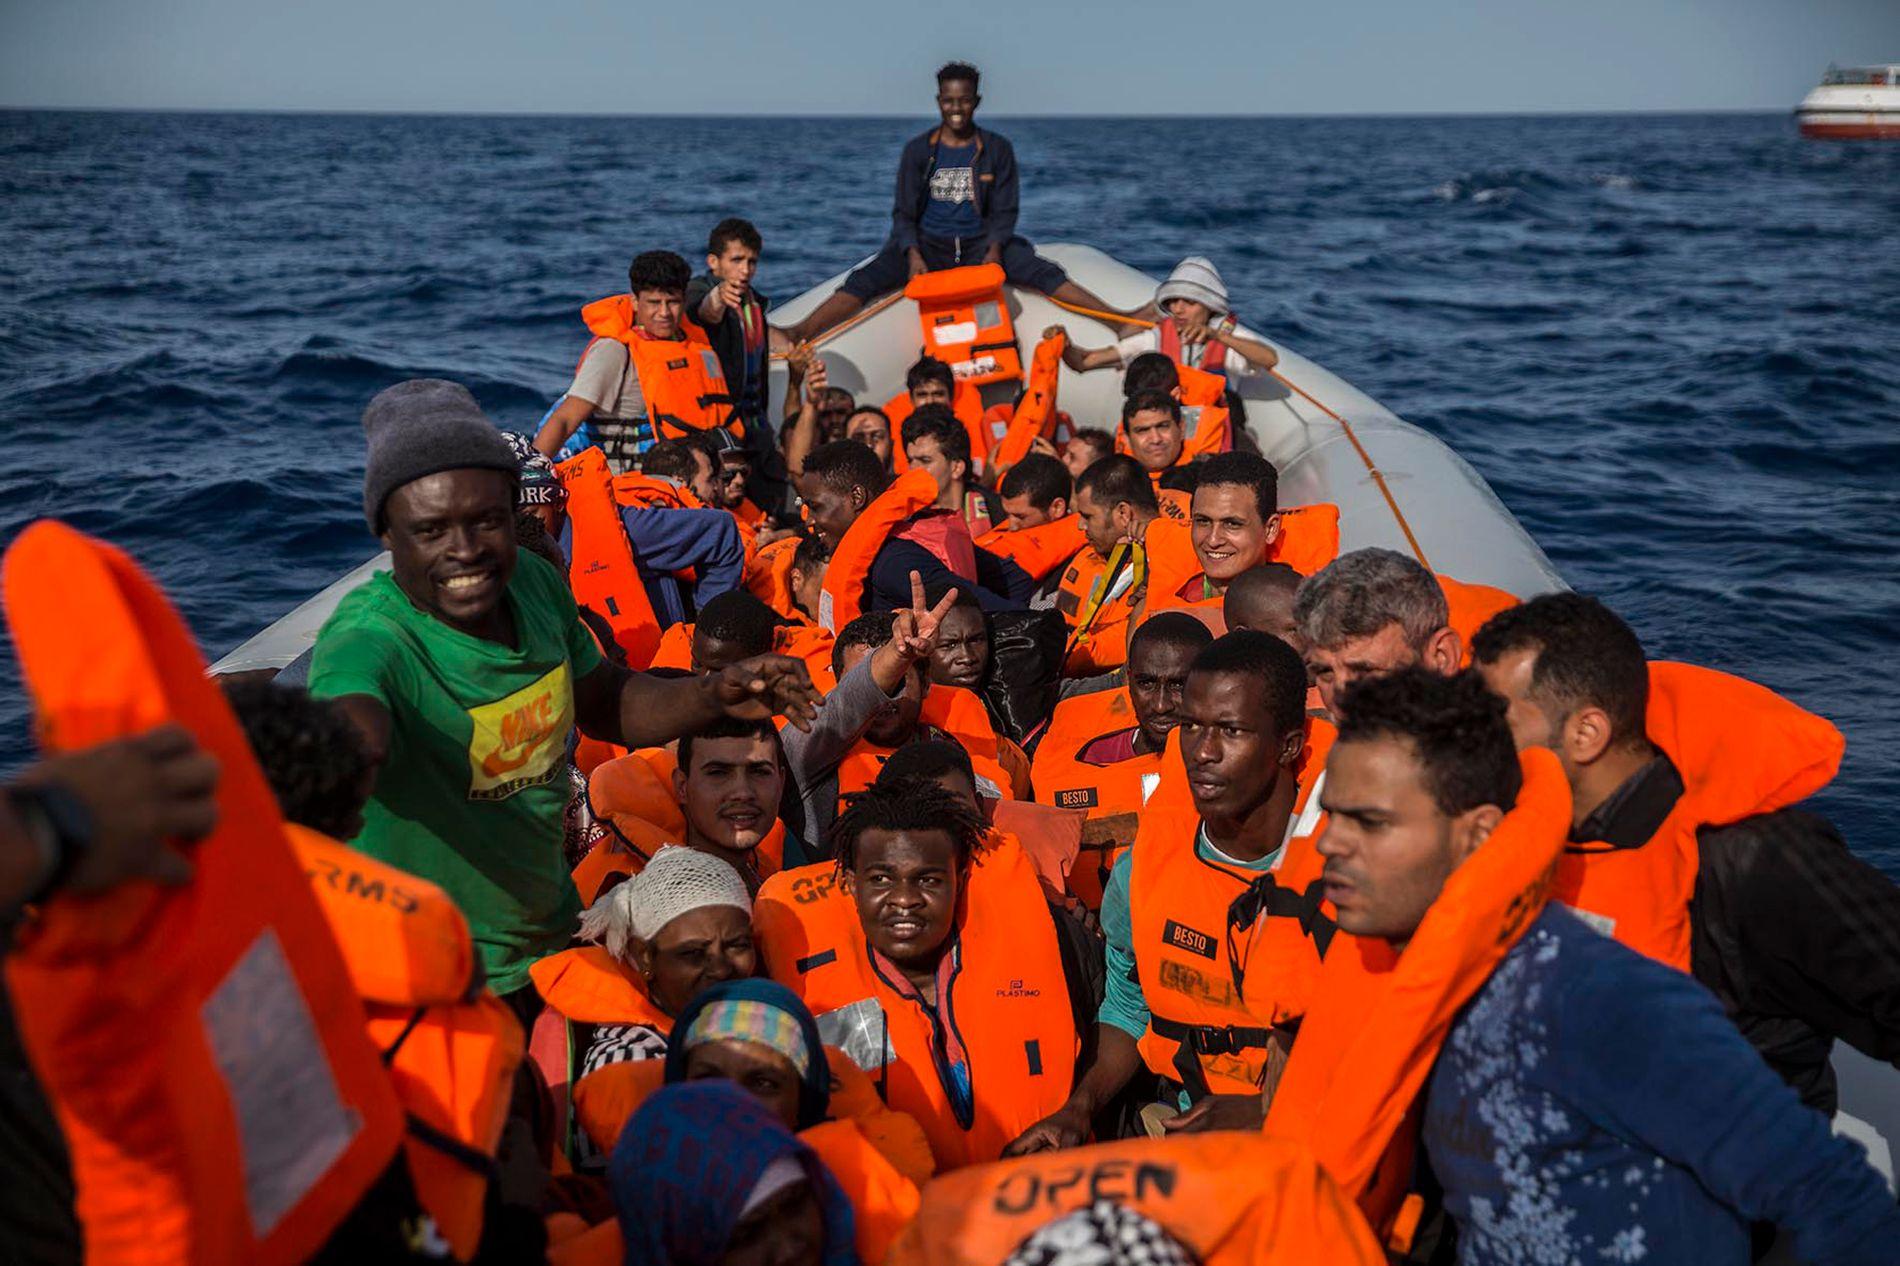 PLUKKET OPP: Bildet viser migrantene og flyktningene som ble plukket opp av skipet fra Proactiva Open Arms lørdag.